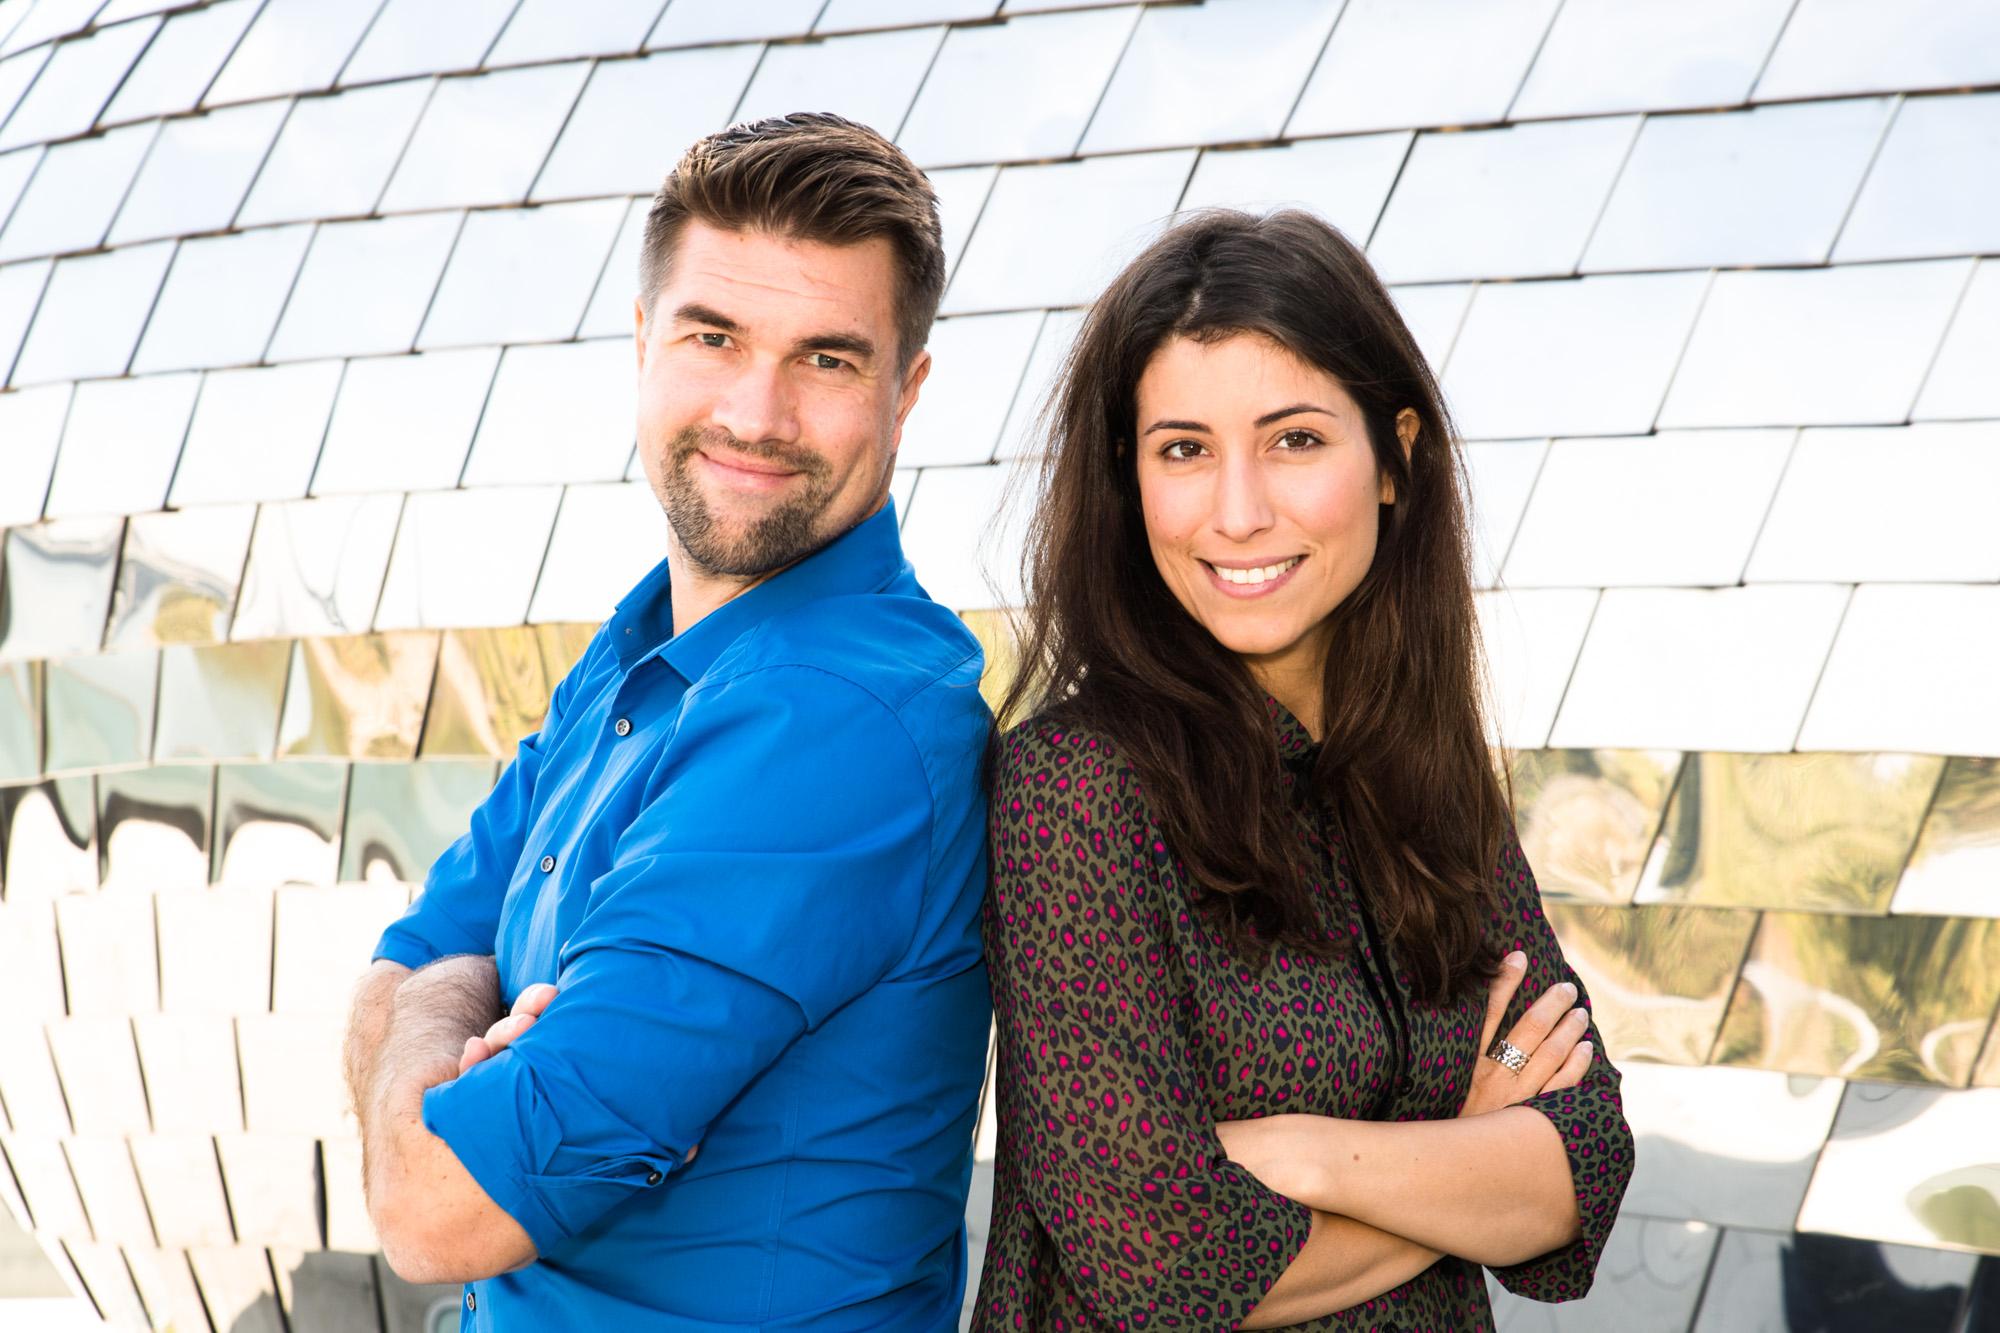 Teamfoto von Laura Rohrbeck und Thorsten Lenze.